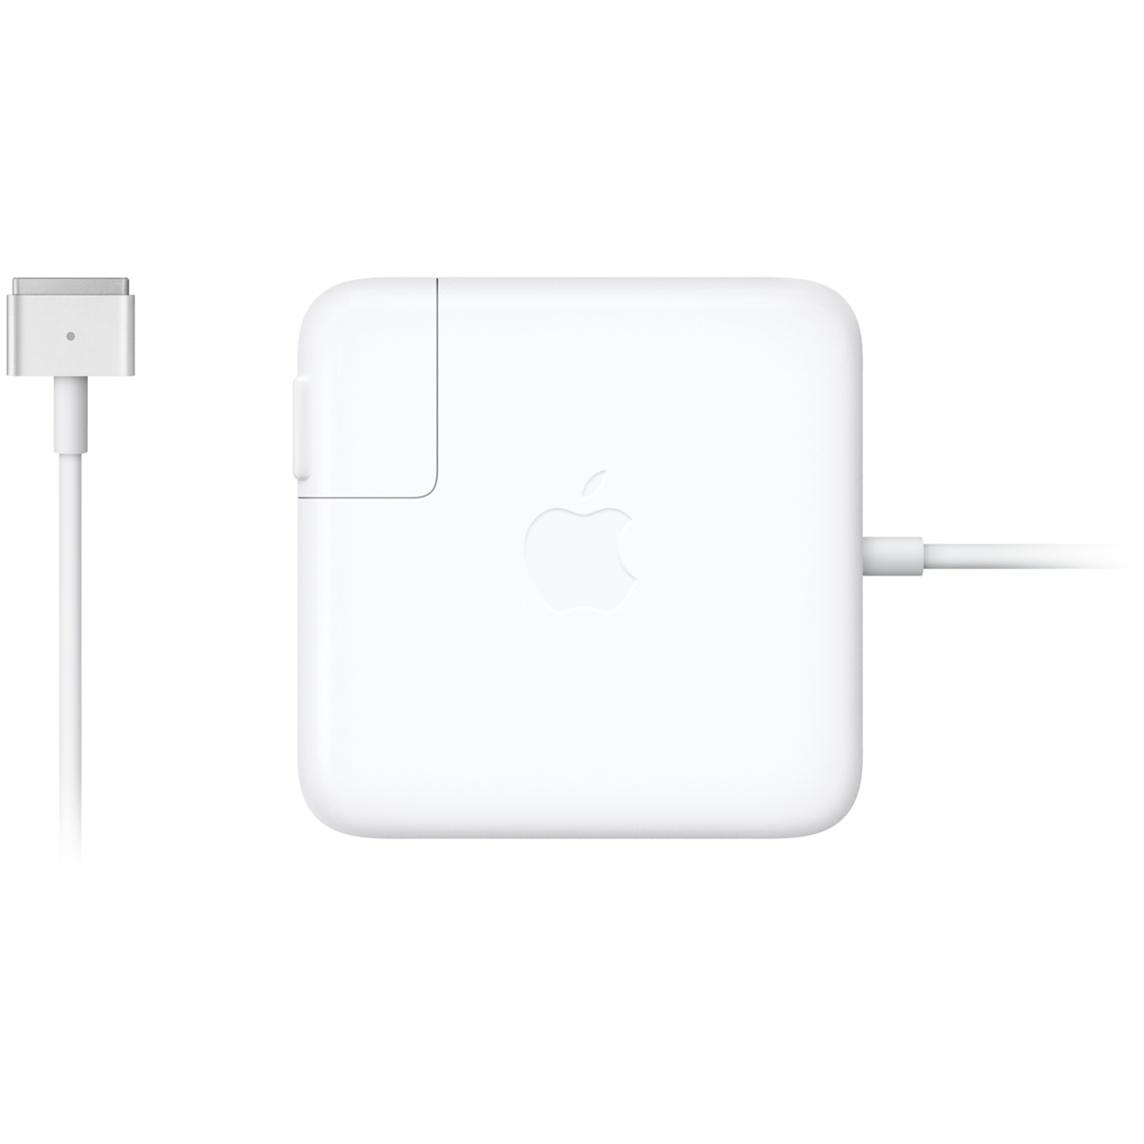 Originální síťová nabíječka pro MacBook Pro Retina 13 - Apple, MAGSAFE 2 60W A1435 (EKO-BALENÍ)